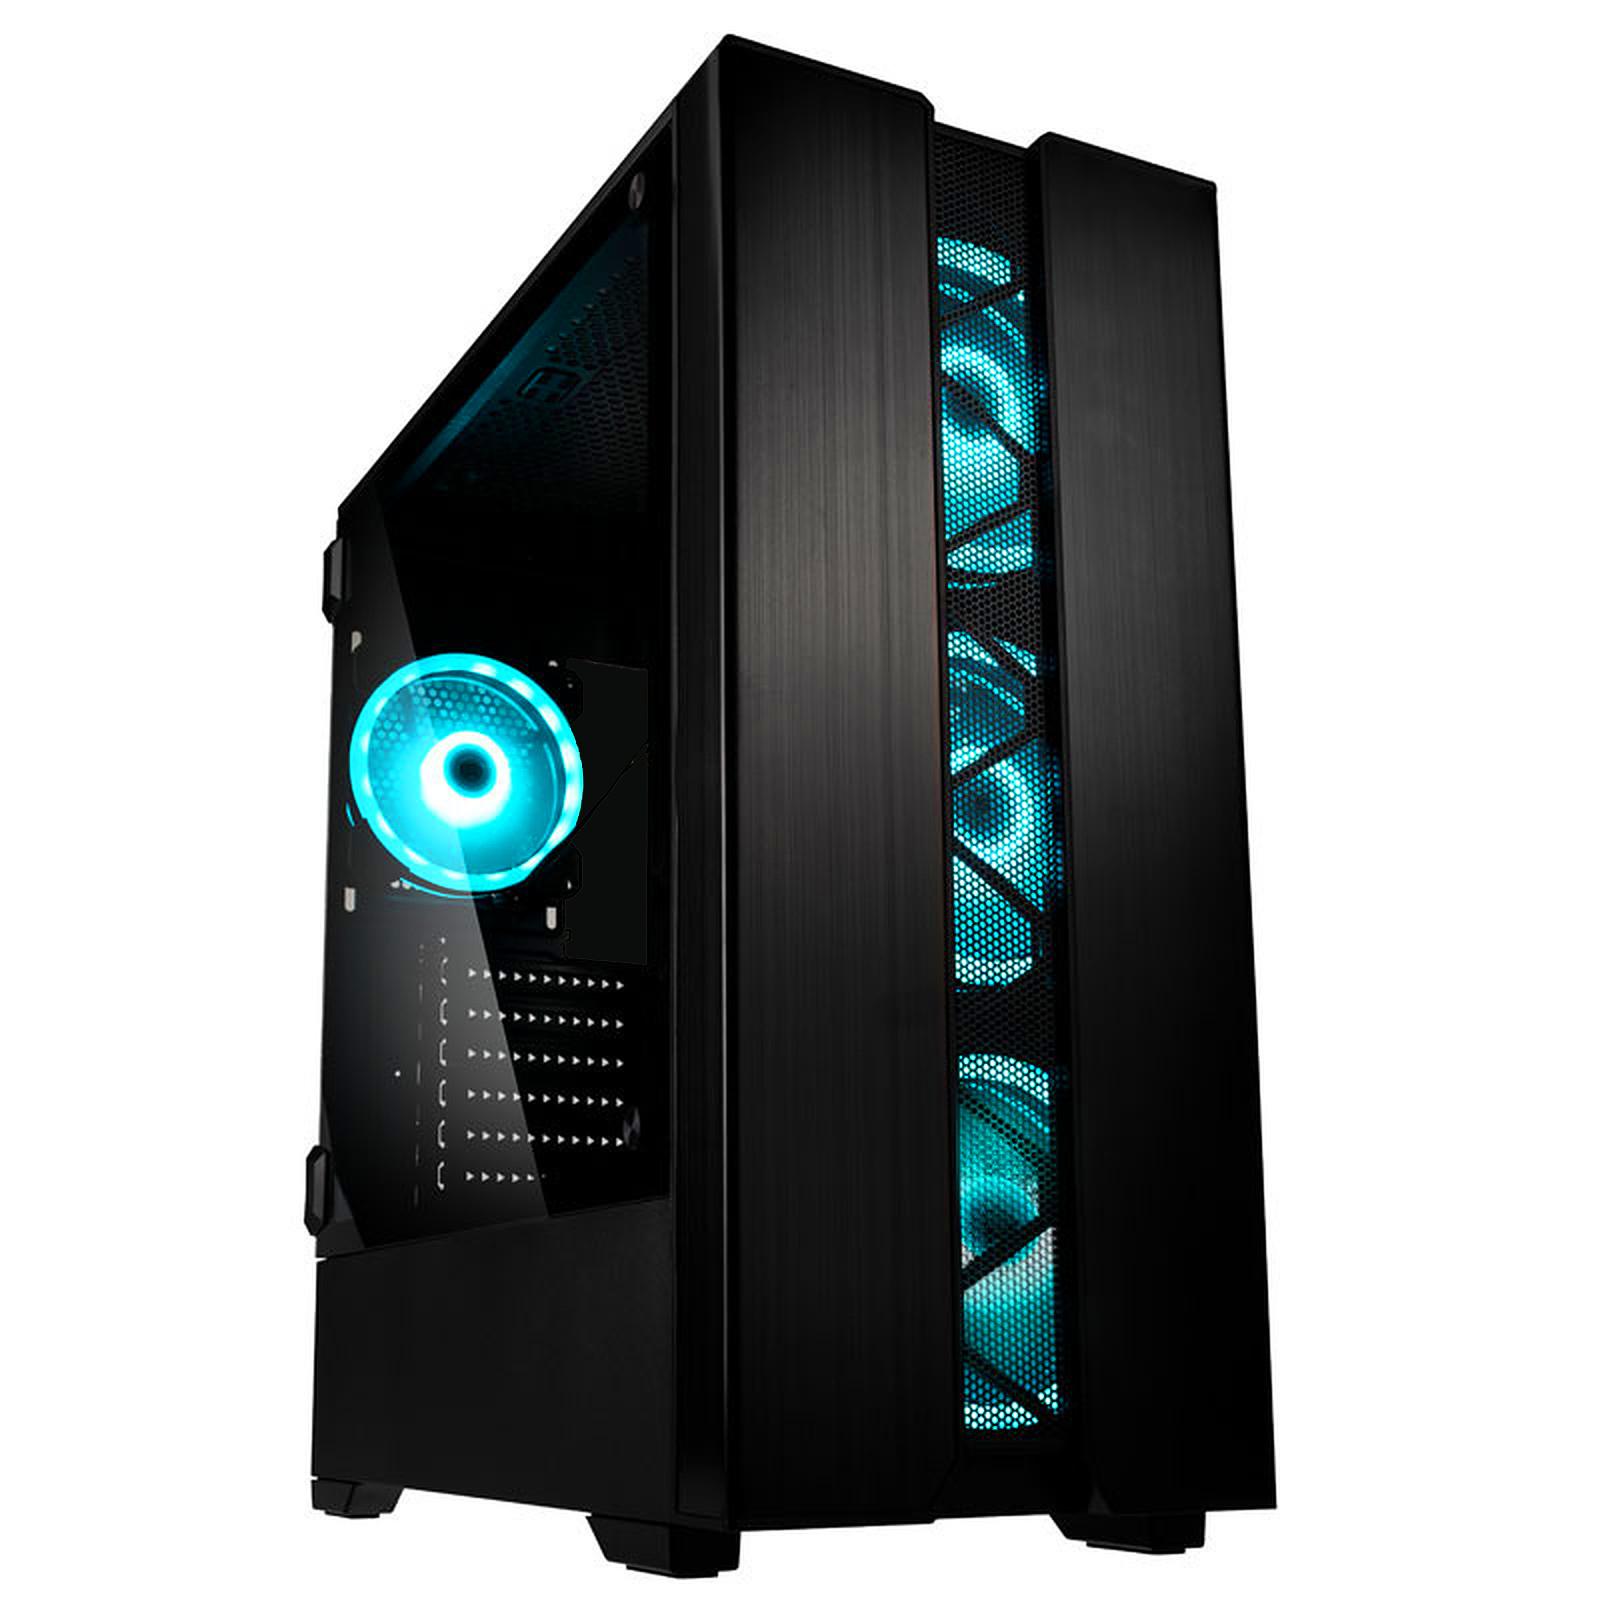 PC fixe Phalanx - i7-9700 KF (8x3.6 Ghz), RTX 2080 OC (8 Go), 16 Go RAM (3000mhz), 480 Go SSD, be quiet! 700W 80+Gold (1399€ avec i5-9600K)